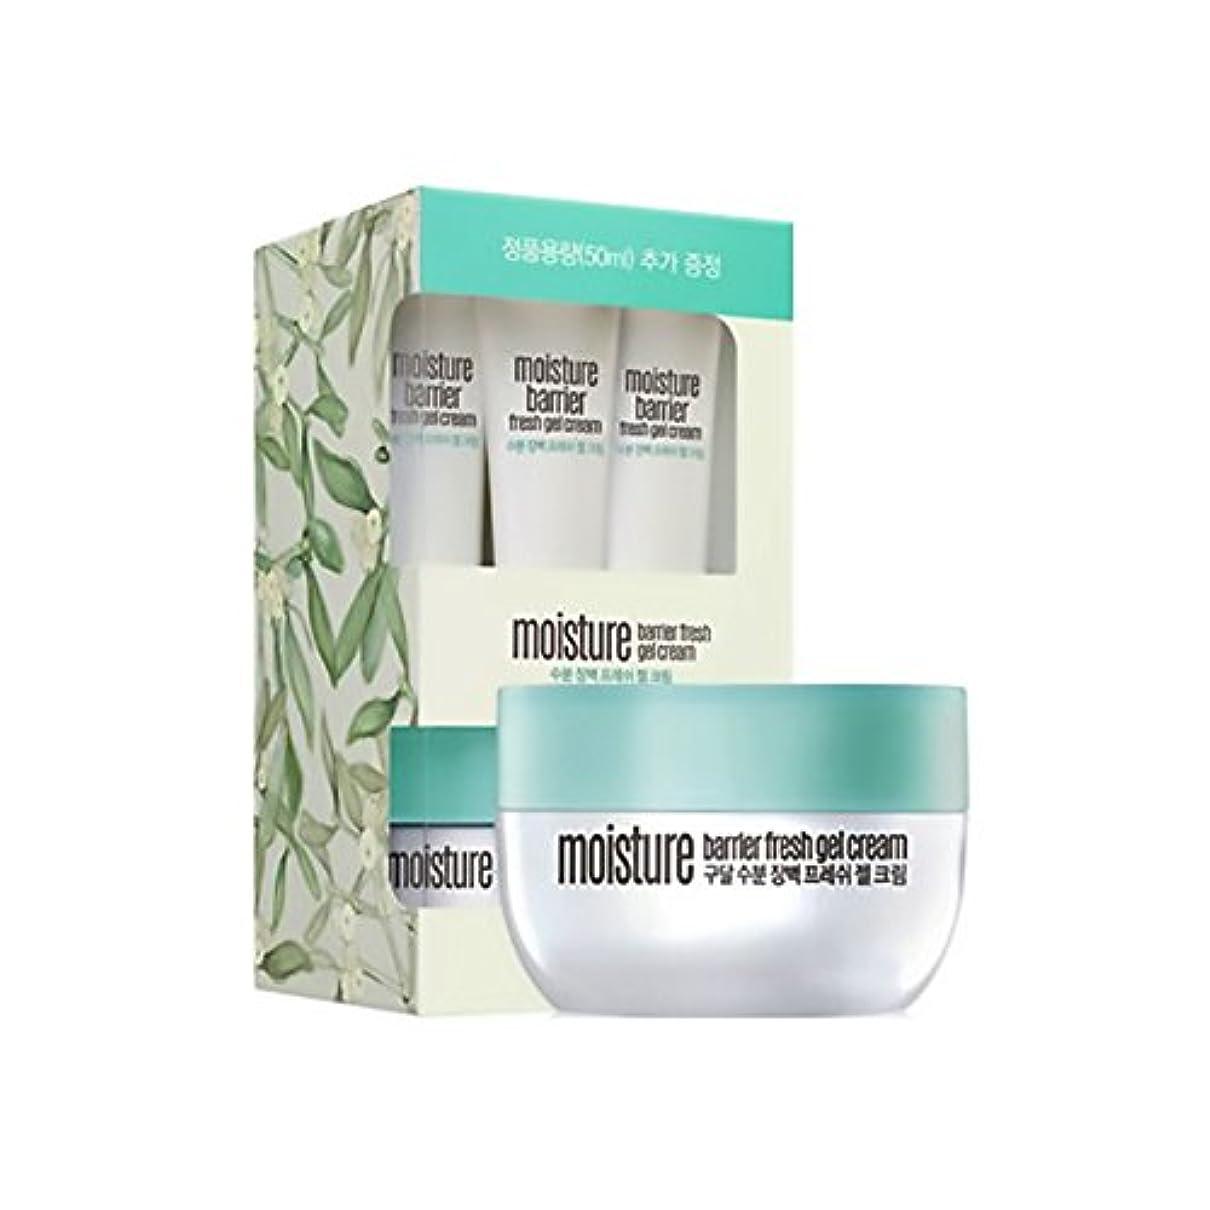 カプラー啓示プライムgoodal moisture barrier fresh gel cream set